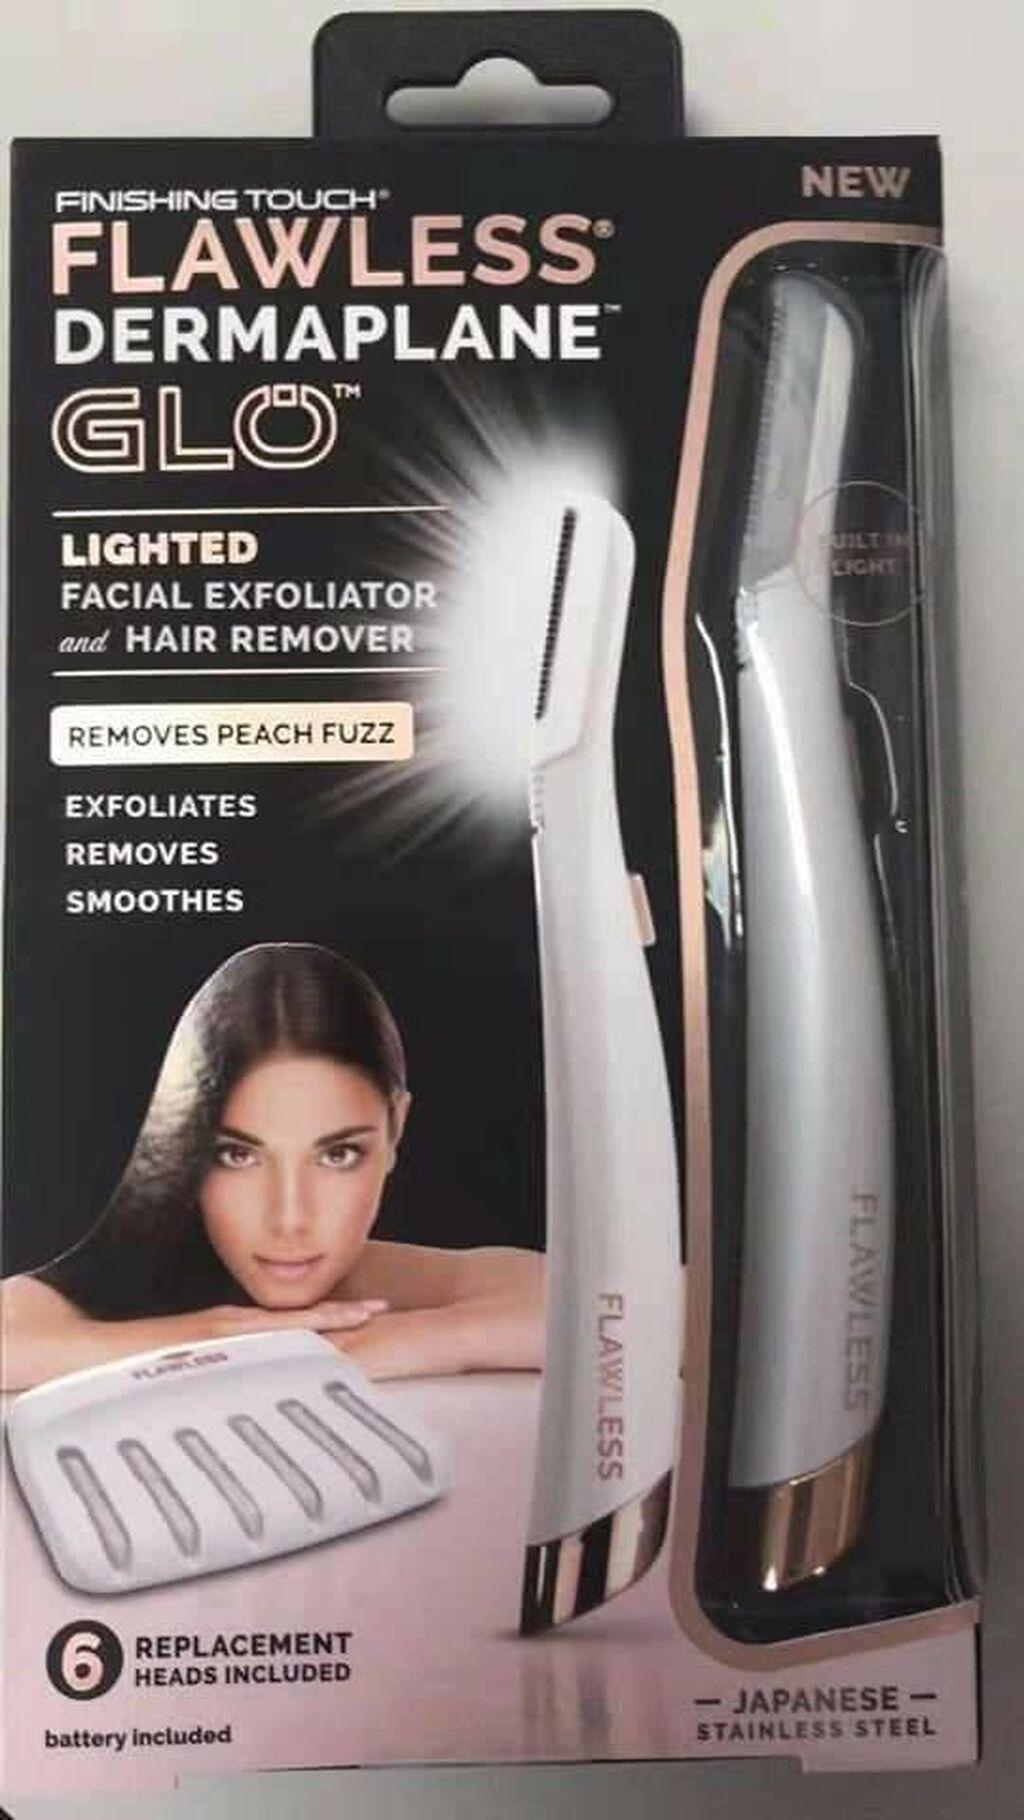 Dostupno Besprekorni Dermaplane Glo odstranjivač dlaka za lice, 6 zamenskih glava